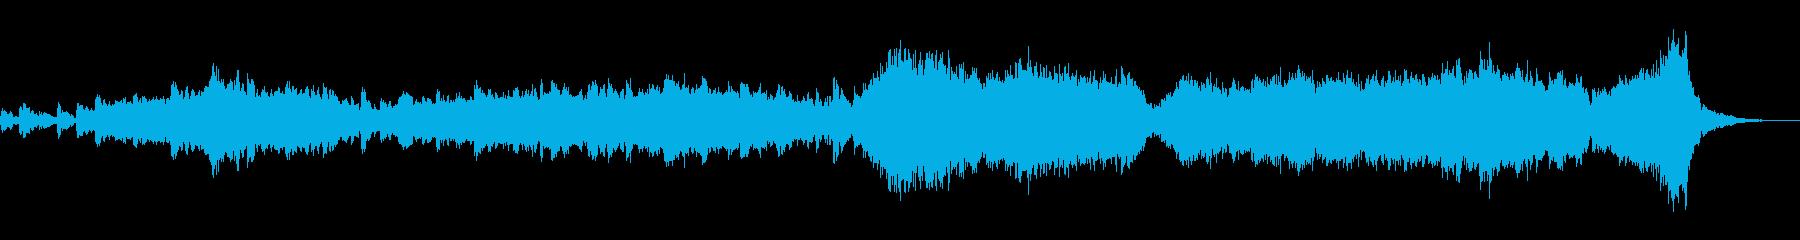 現代の交響曲 室内楽 劇的な 神経...の再生済みの波形